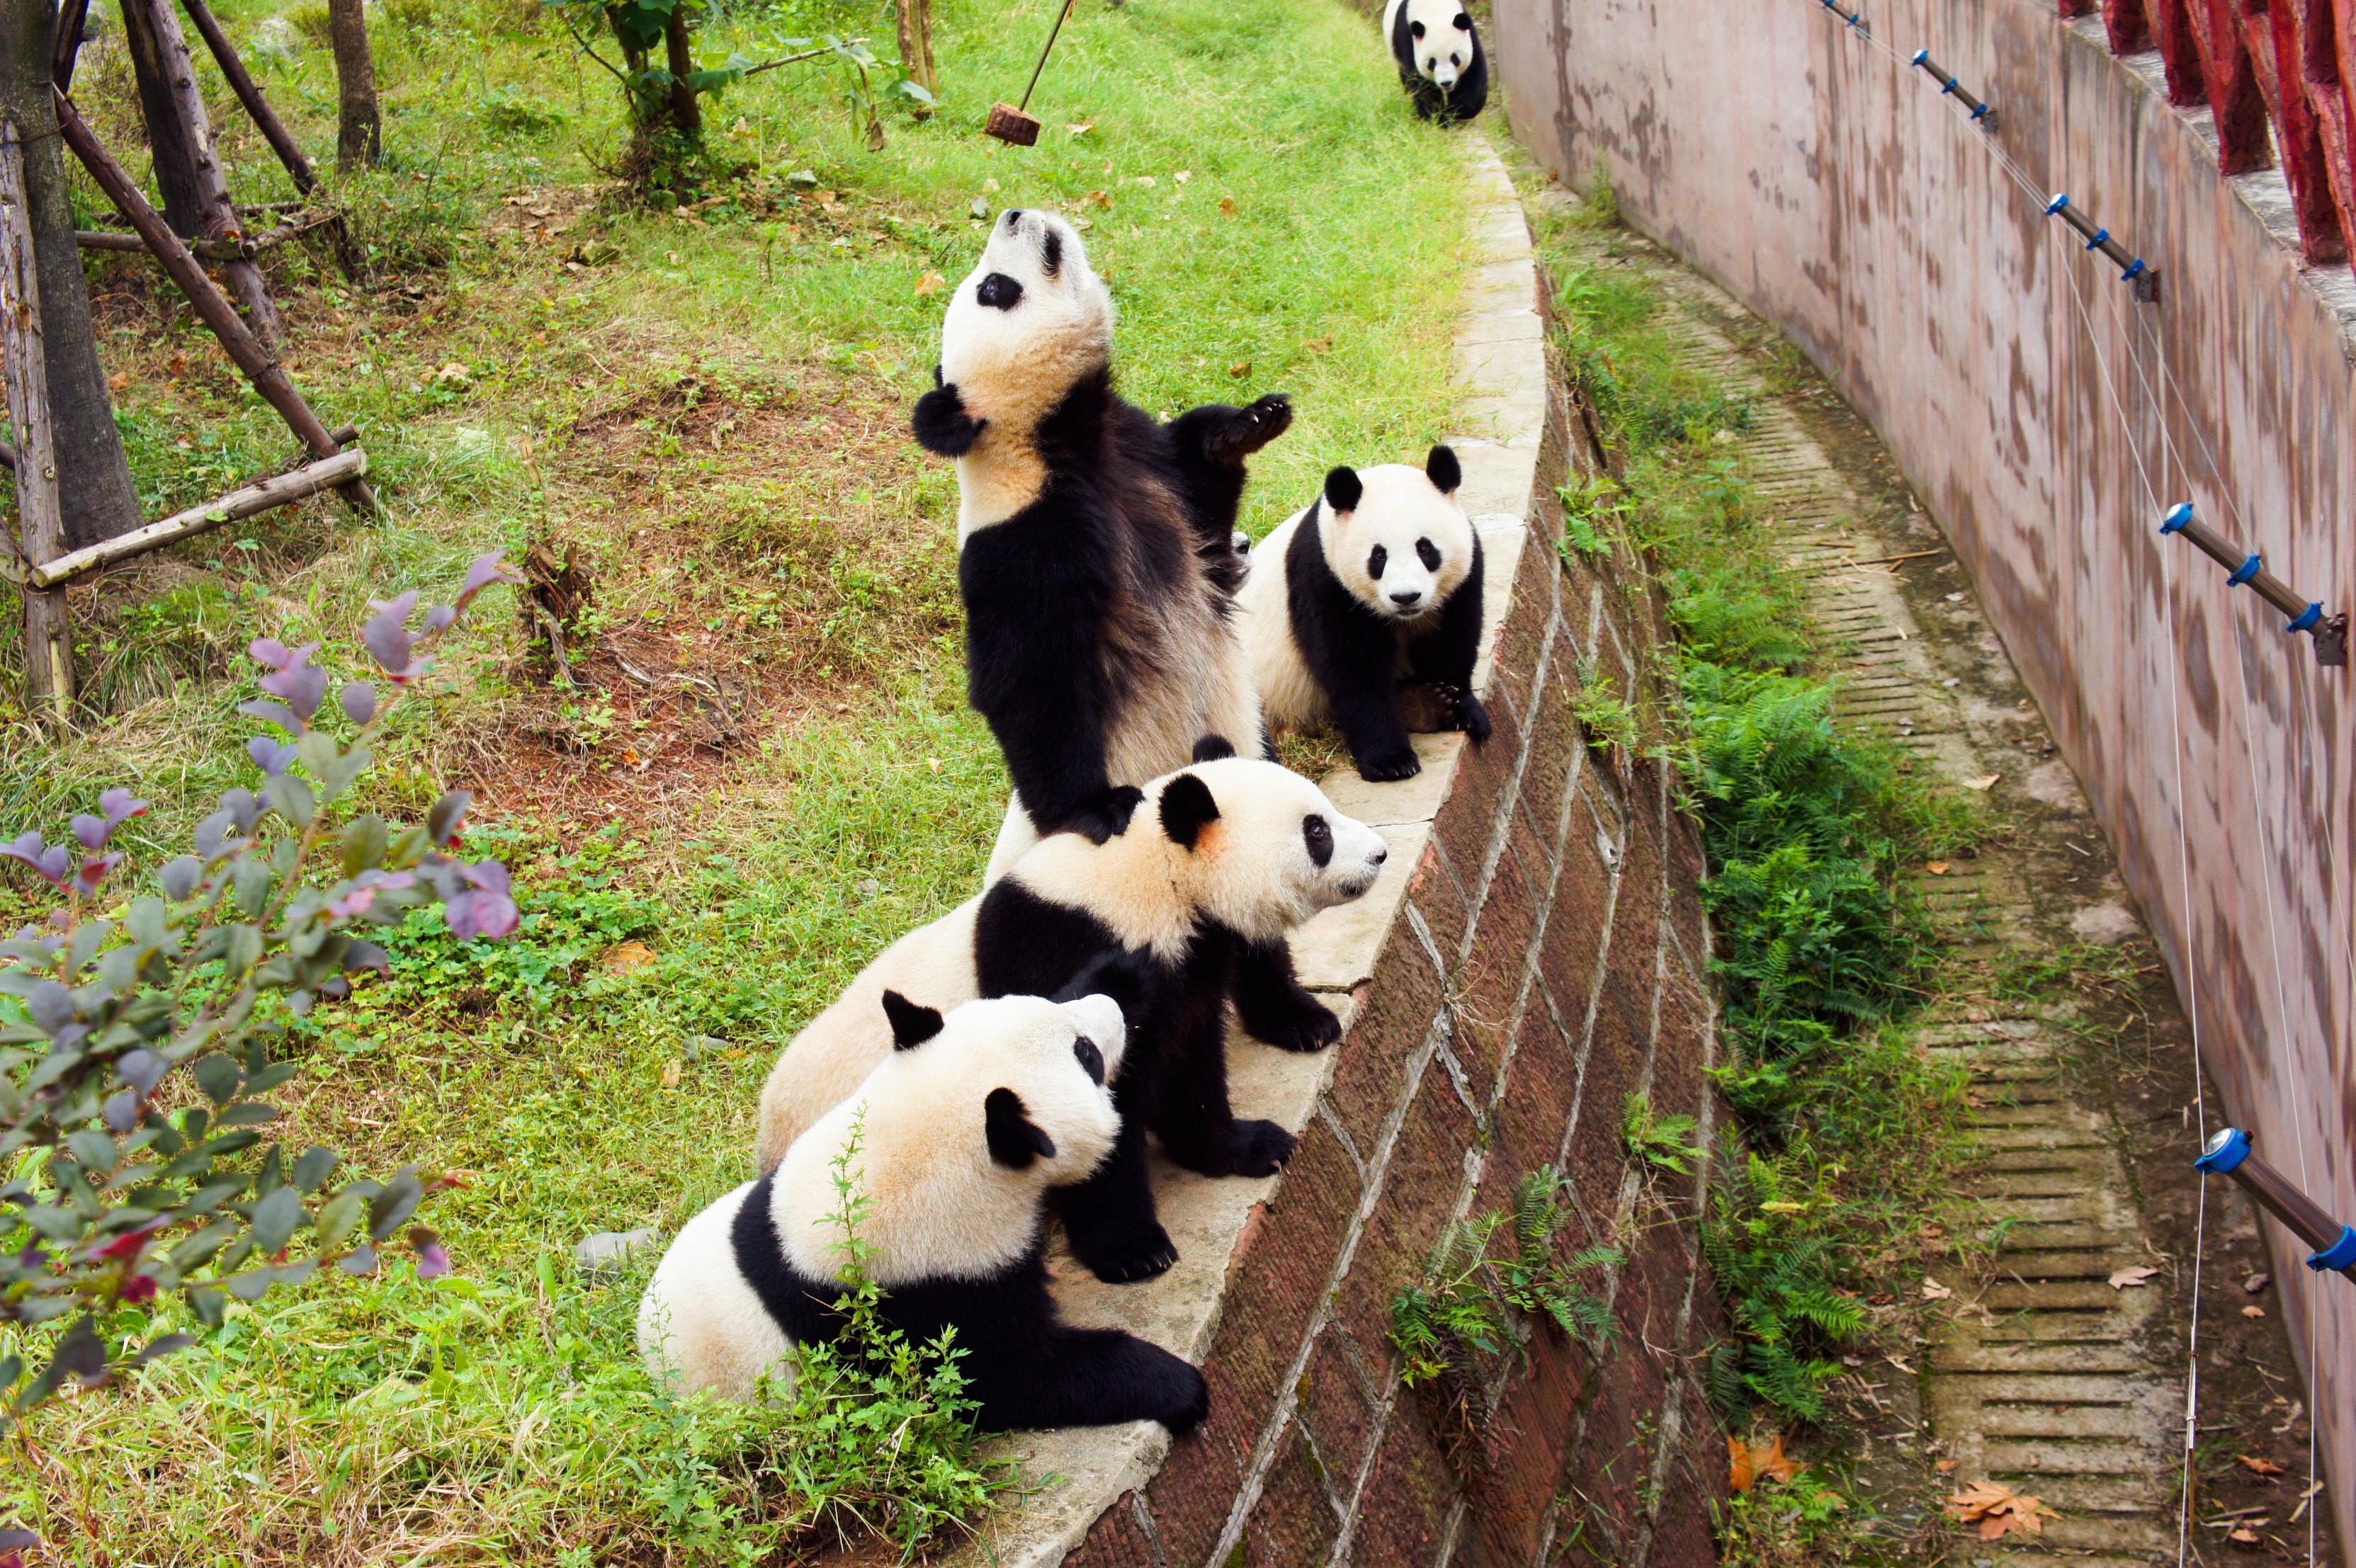 熊猫乐园、都江堰、青城山纯玩巴士1日深度游[VIP专享特制午餐、无限耳麦讲解]成都三环内包接